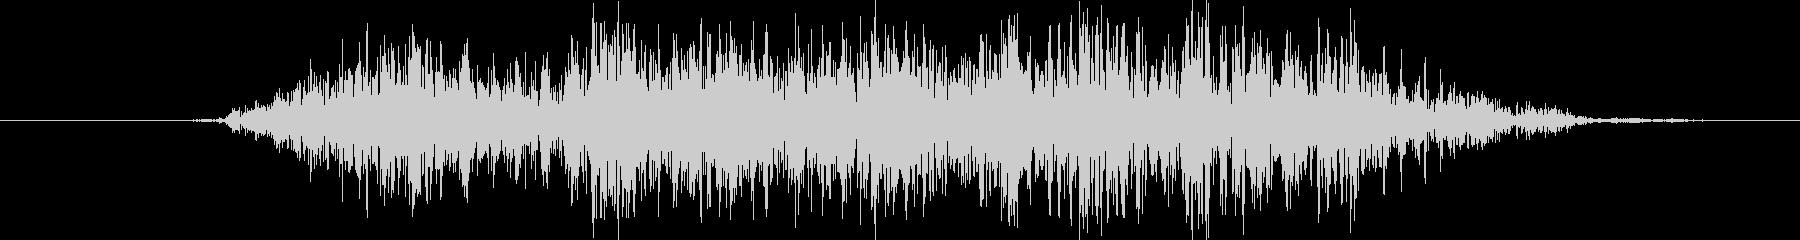 鳴き声 男性のささやきスペル04の未再生の波形